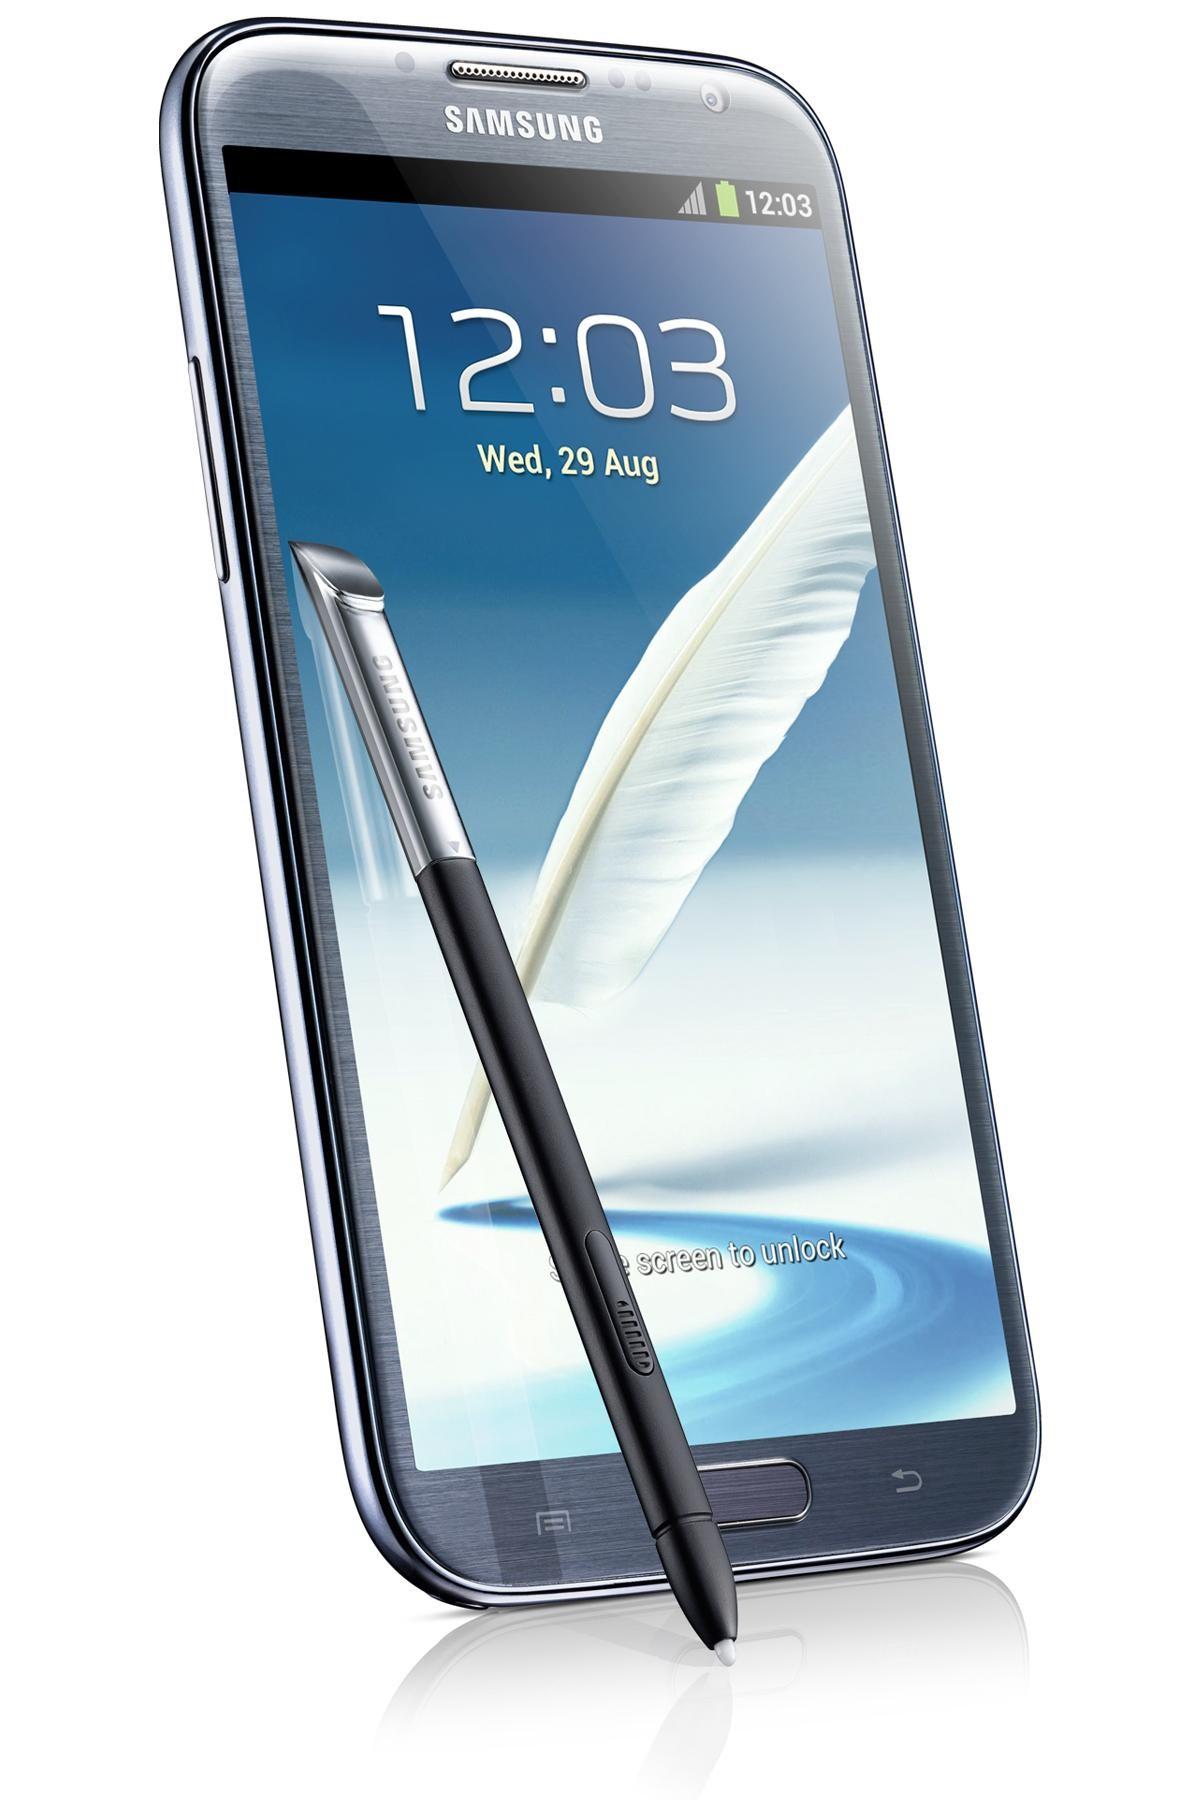 1348568705-1776247809-smartphones-samsung-galaxy-note-ii-n7100-titanium-grey-gt-n7100tadphn-2.jpg